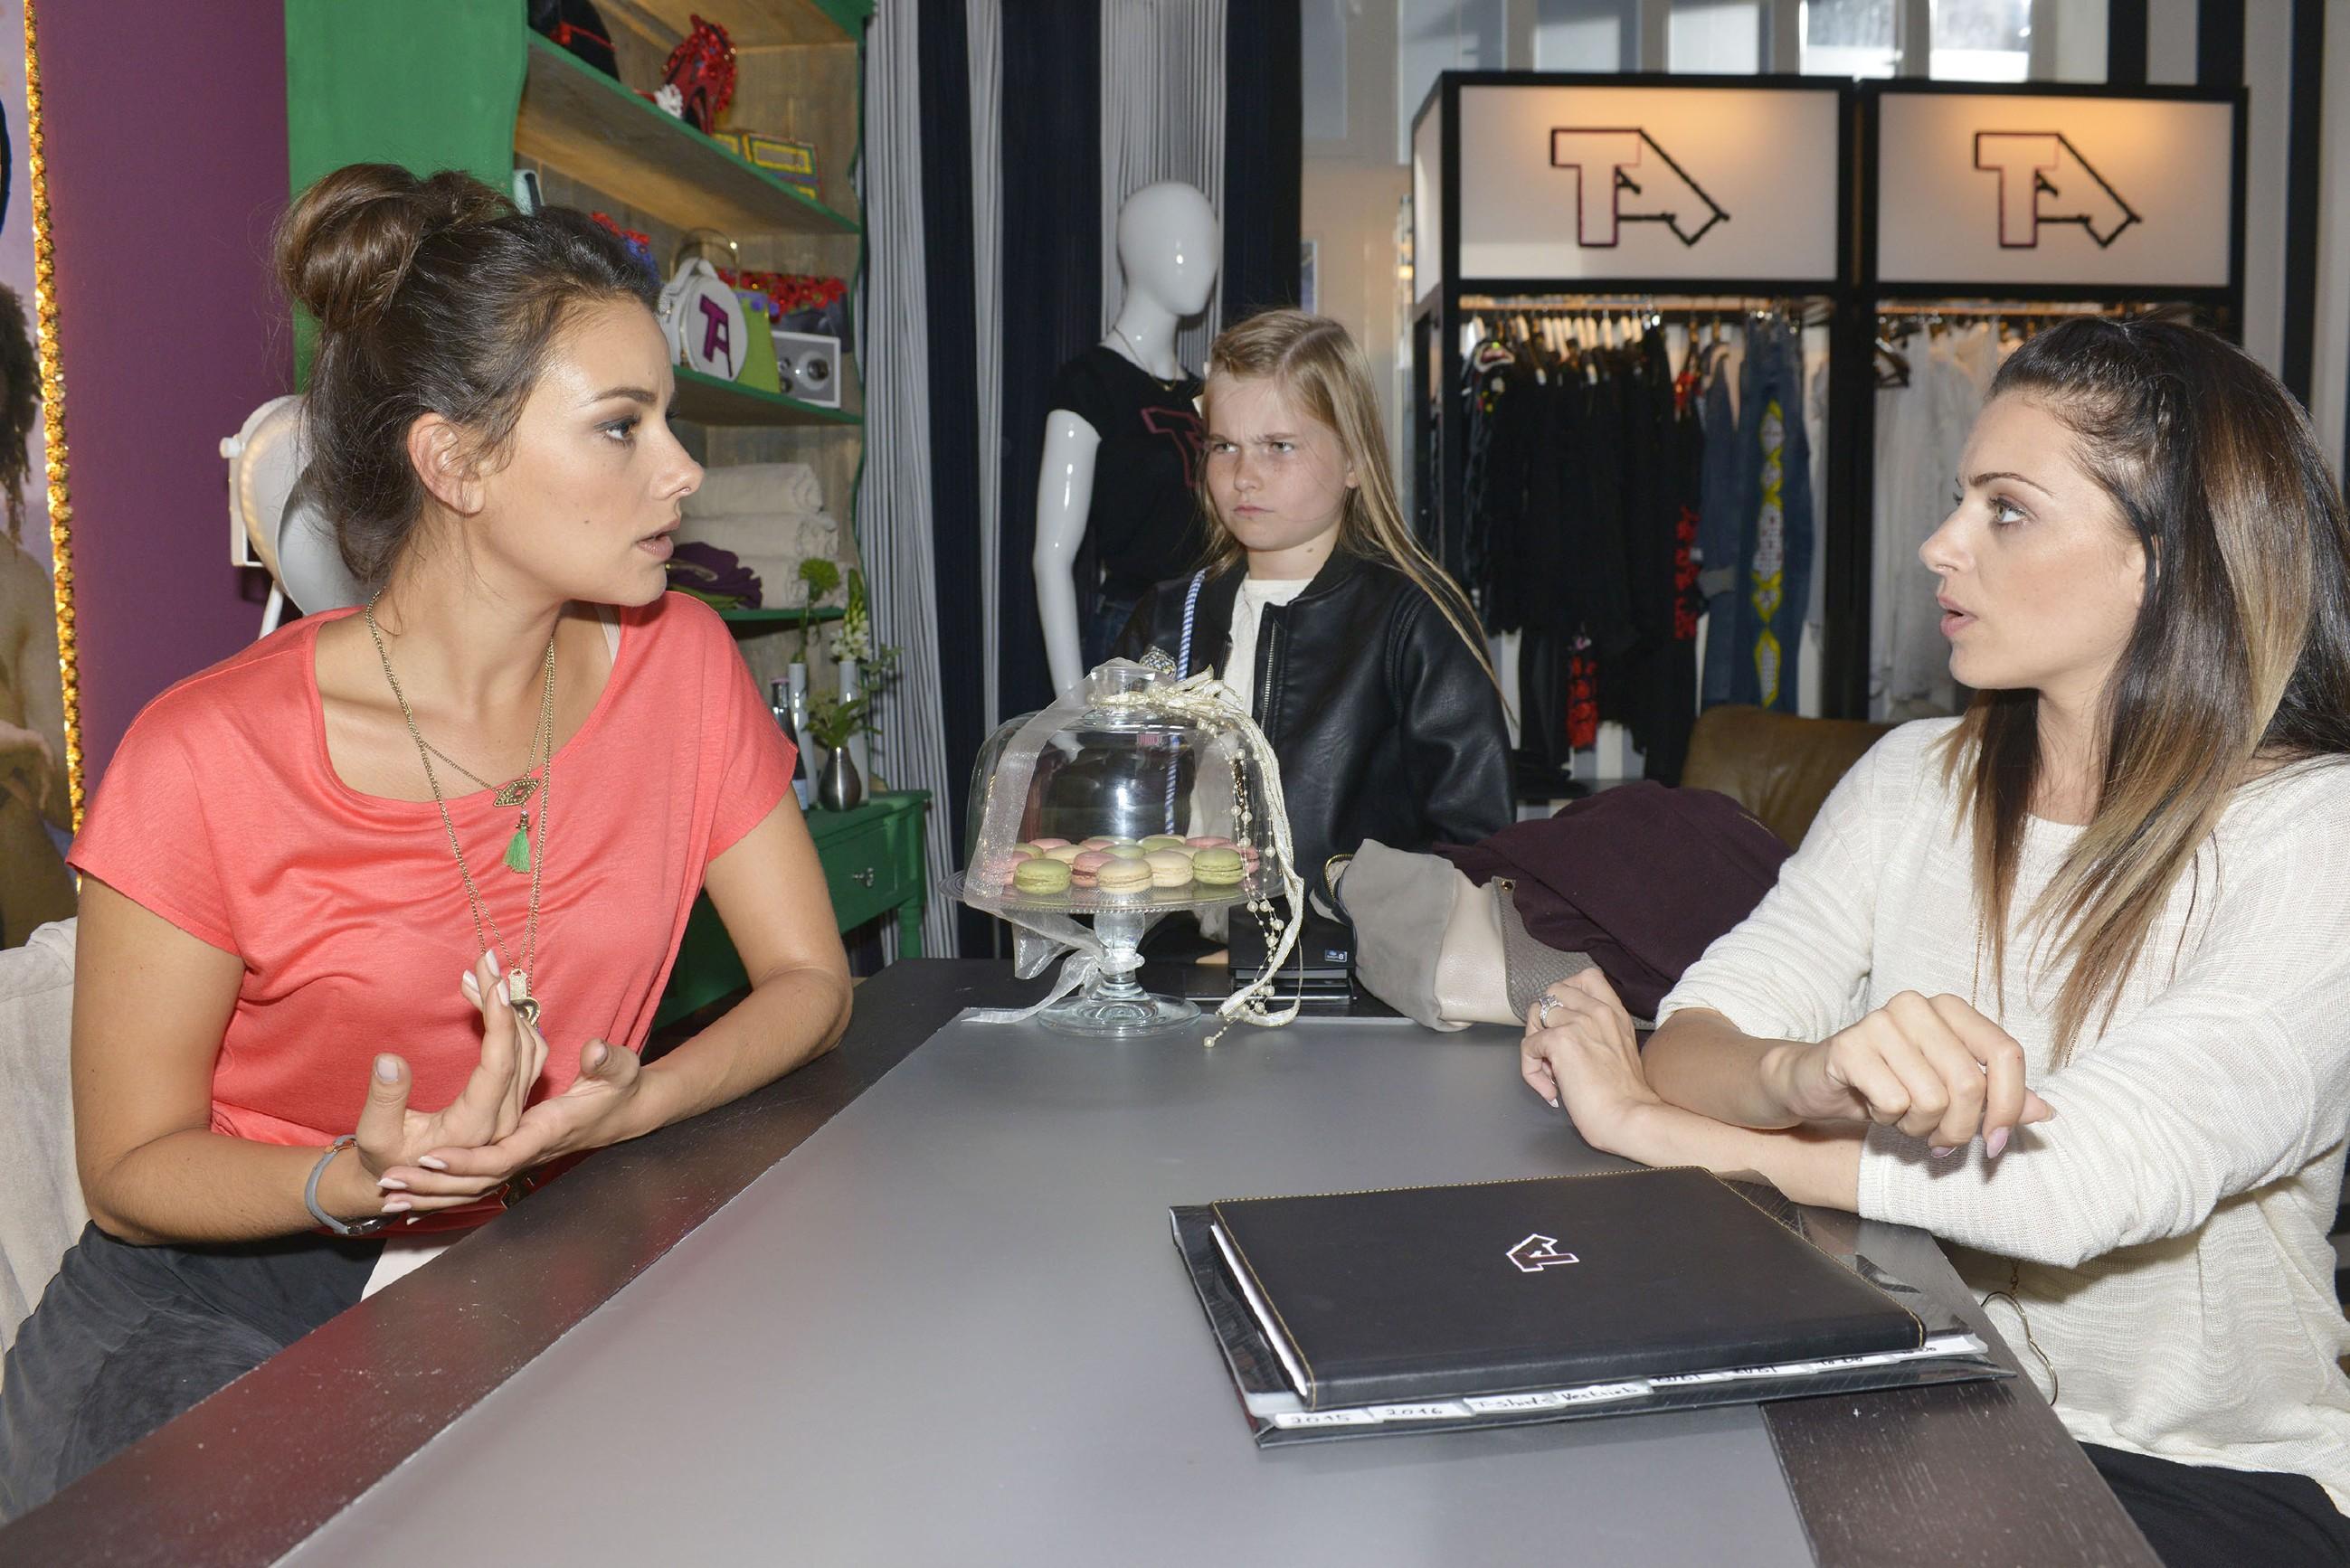 Jasmin (Janina Uhse, l.) und Emily (Anne Menden, r.) sind bei Tussi Attack so im Arbeitsstress, dass Jasmin entgeht, dass ihre kleine Schwester Johanna (M.) Rat bei ihr sucht. (Quelle: RTL / Rolf Baumgartner)